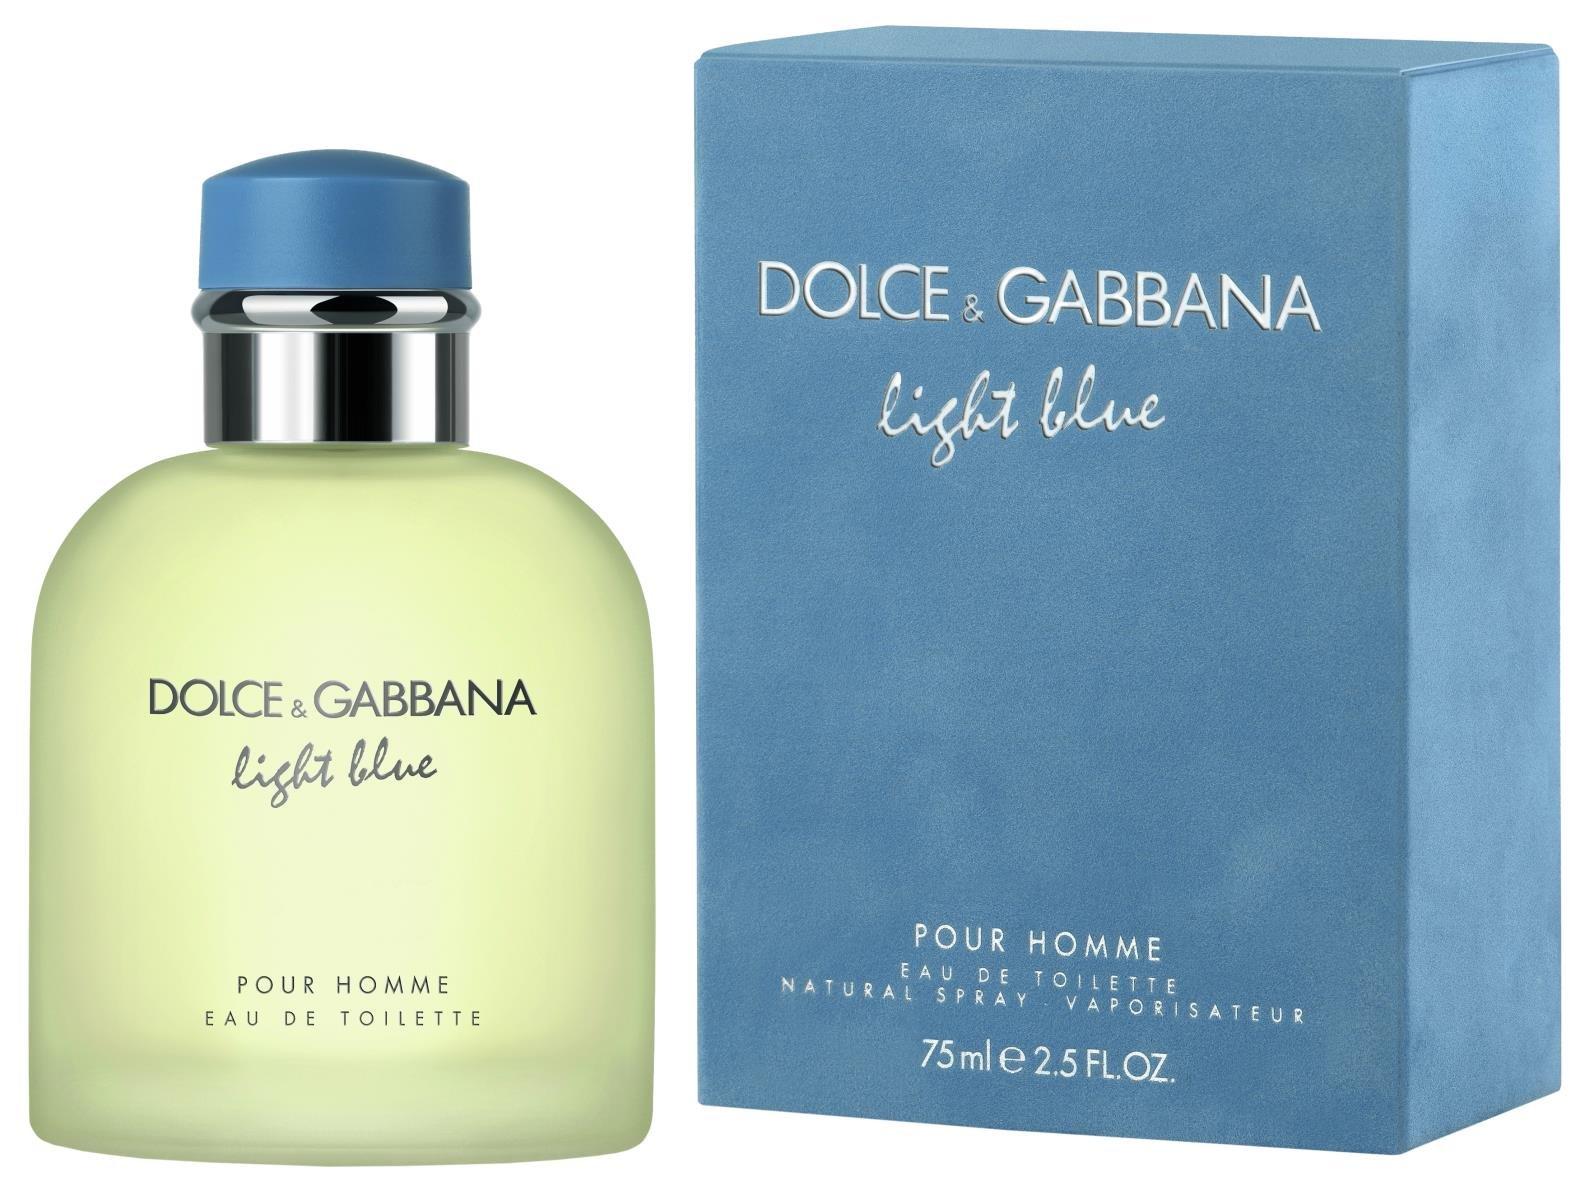 Dolce Gabbana Toilette 2 5 Ounce Bottle